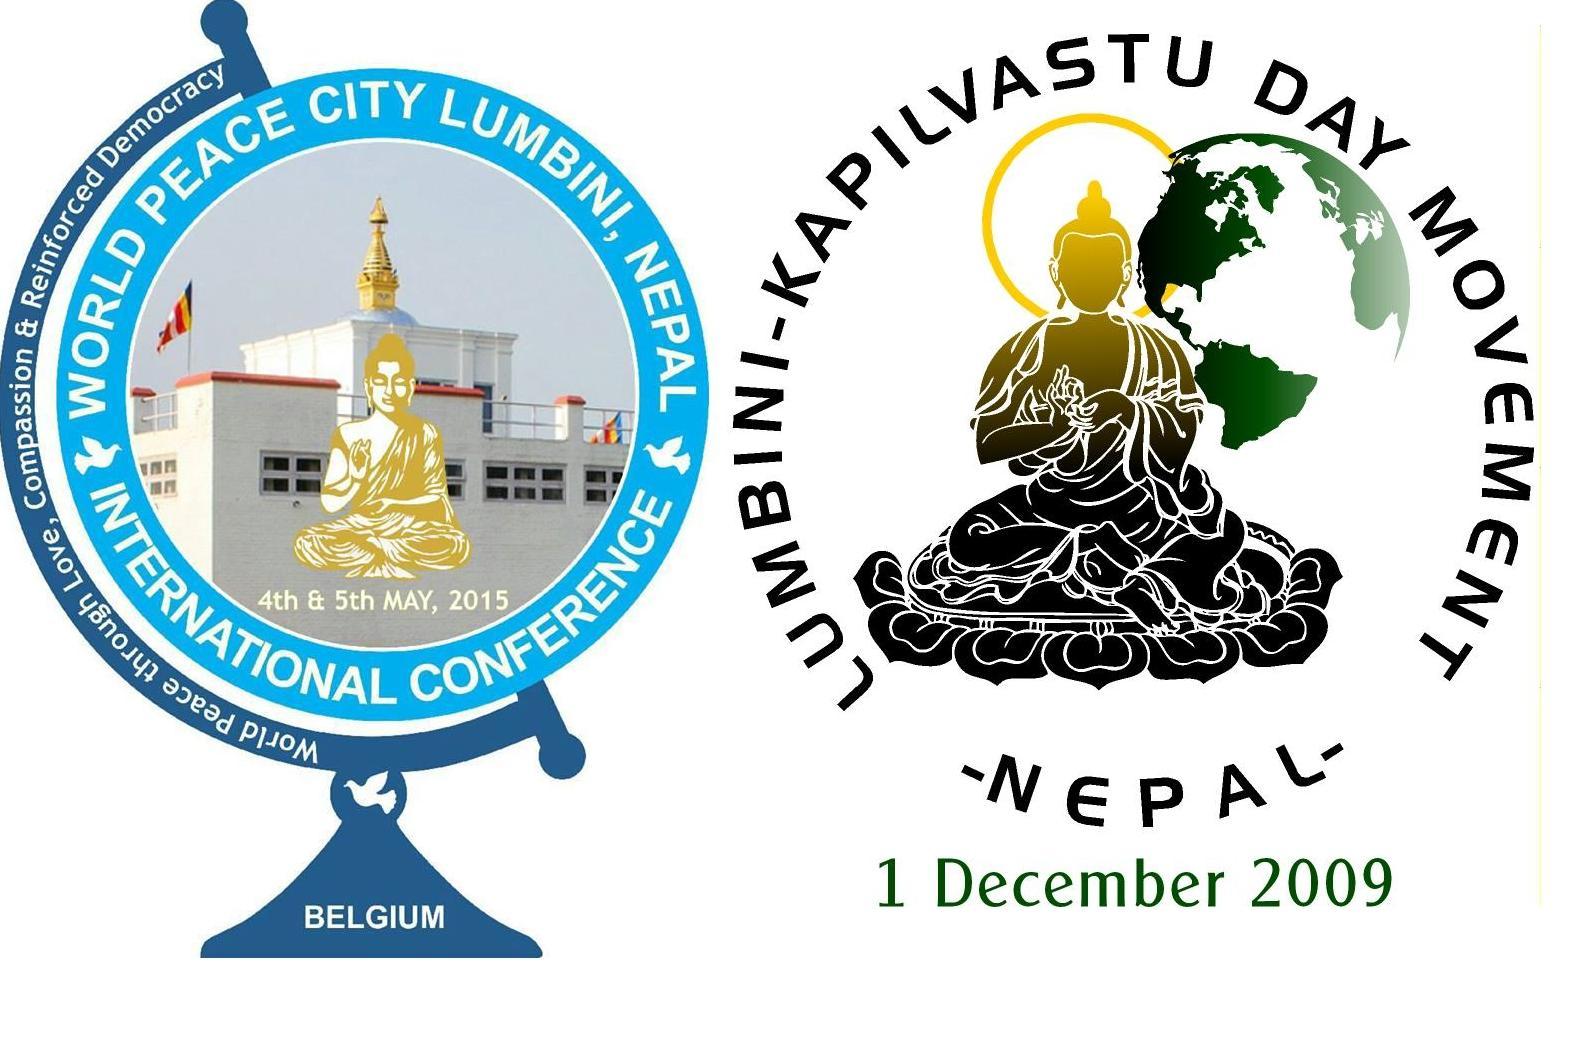 लुम्बिनी-कपिलवस्तु दिवस विश्व अभियान द्वारा आयोजित अन्तर्राष्ट्रिय सम्मेलन स्थगित